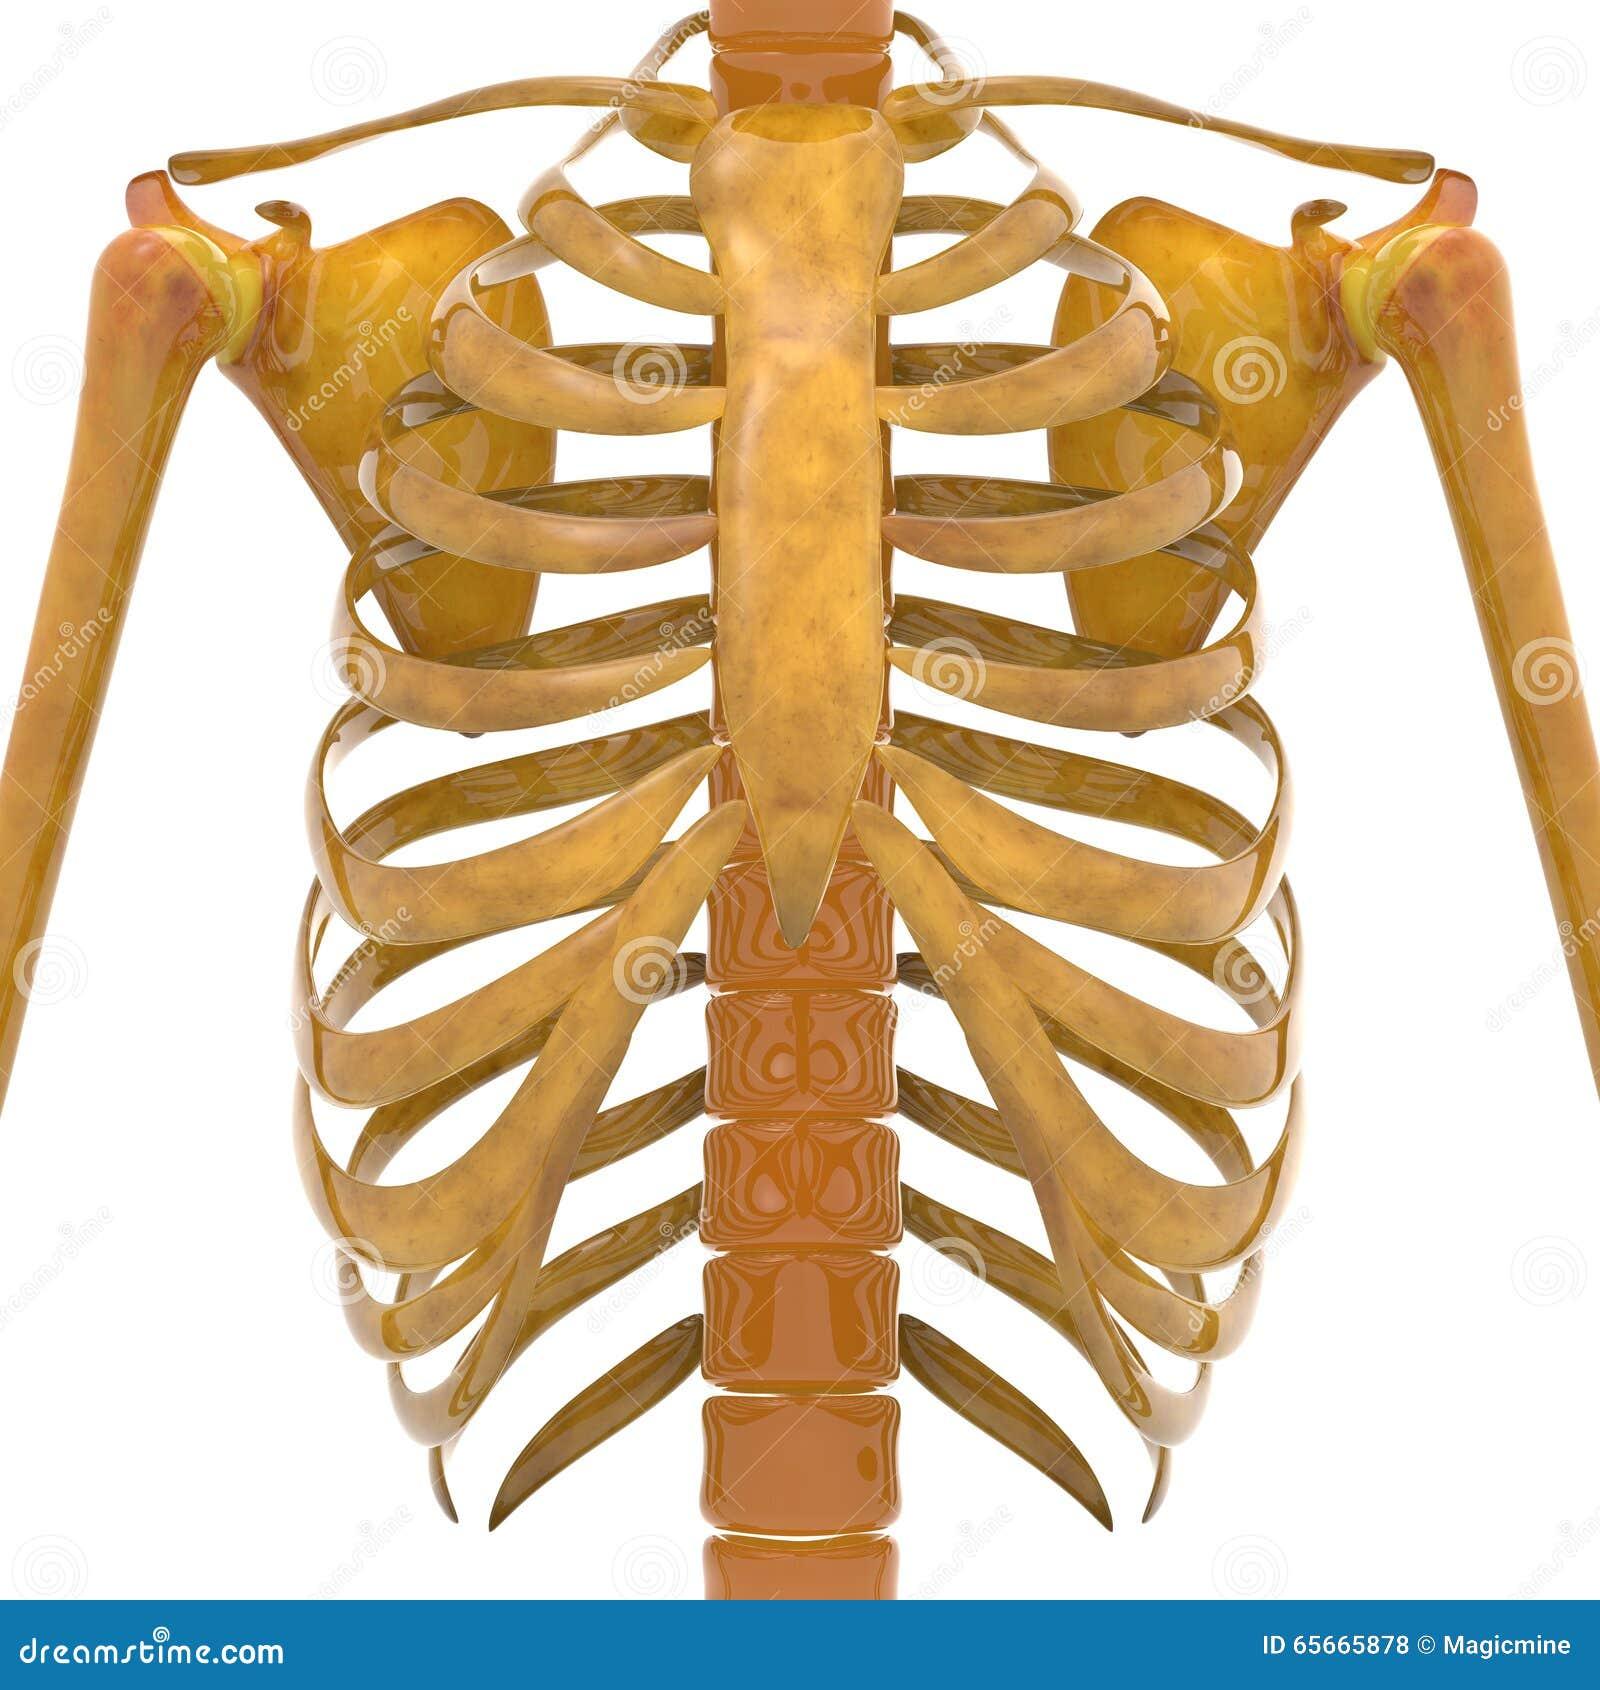 menschliche rippen mit den schulterblatt knochen stock abbildung illustration von organ. Black Bedroom Furniture Sets. Home Design Ideas